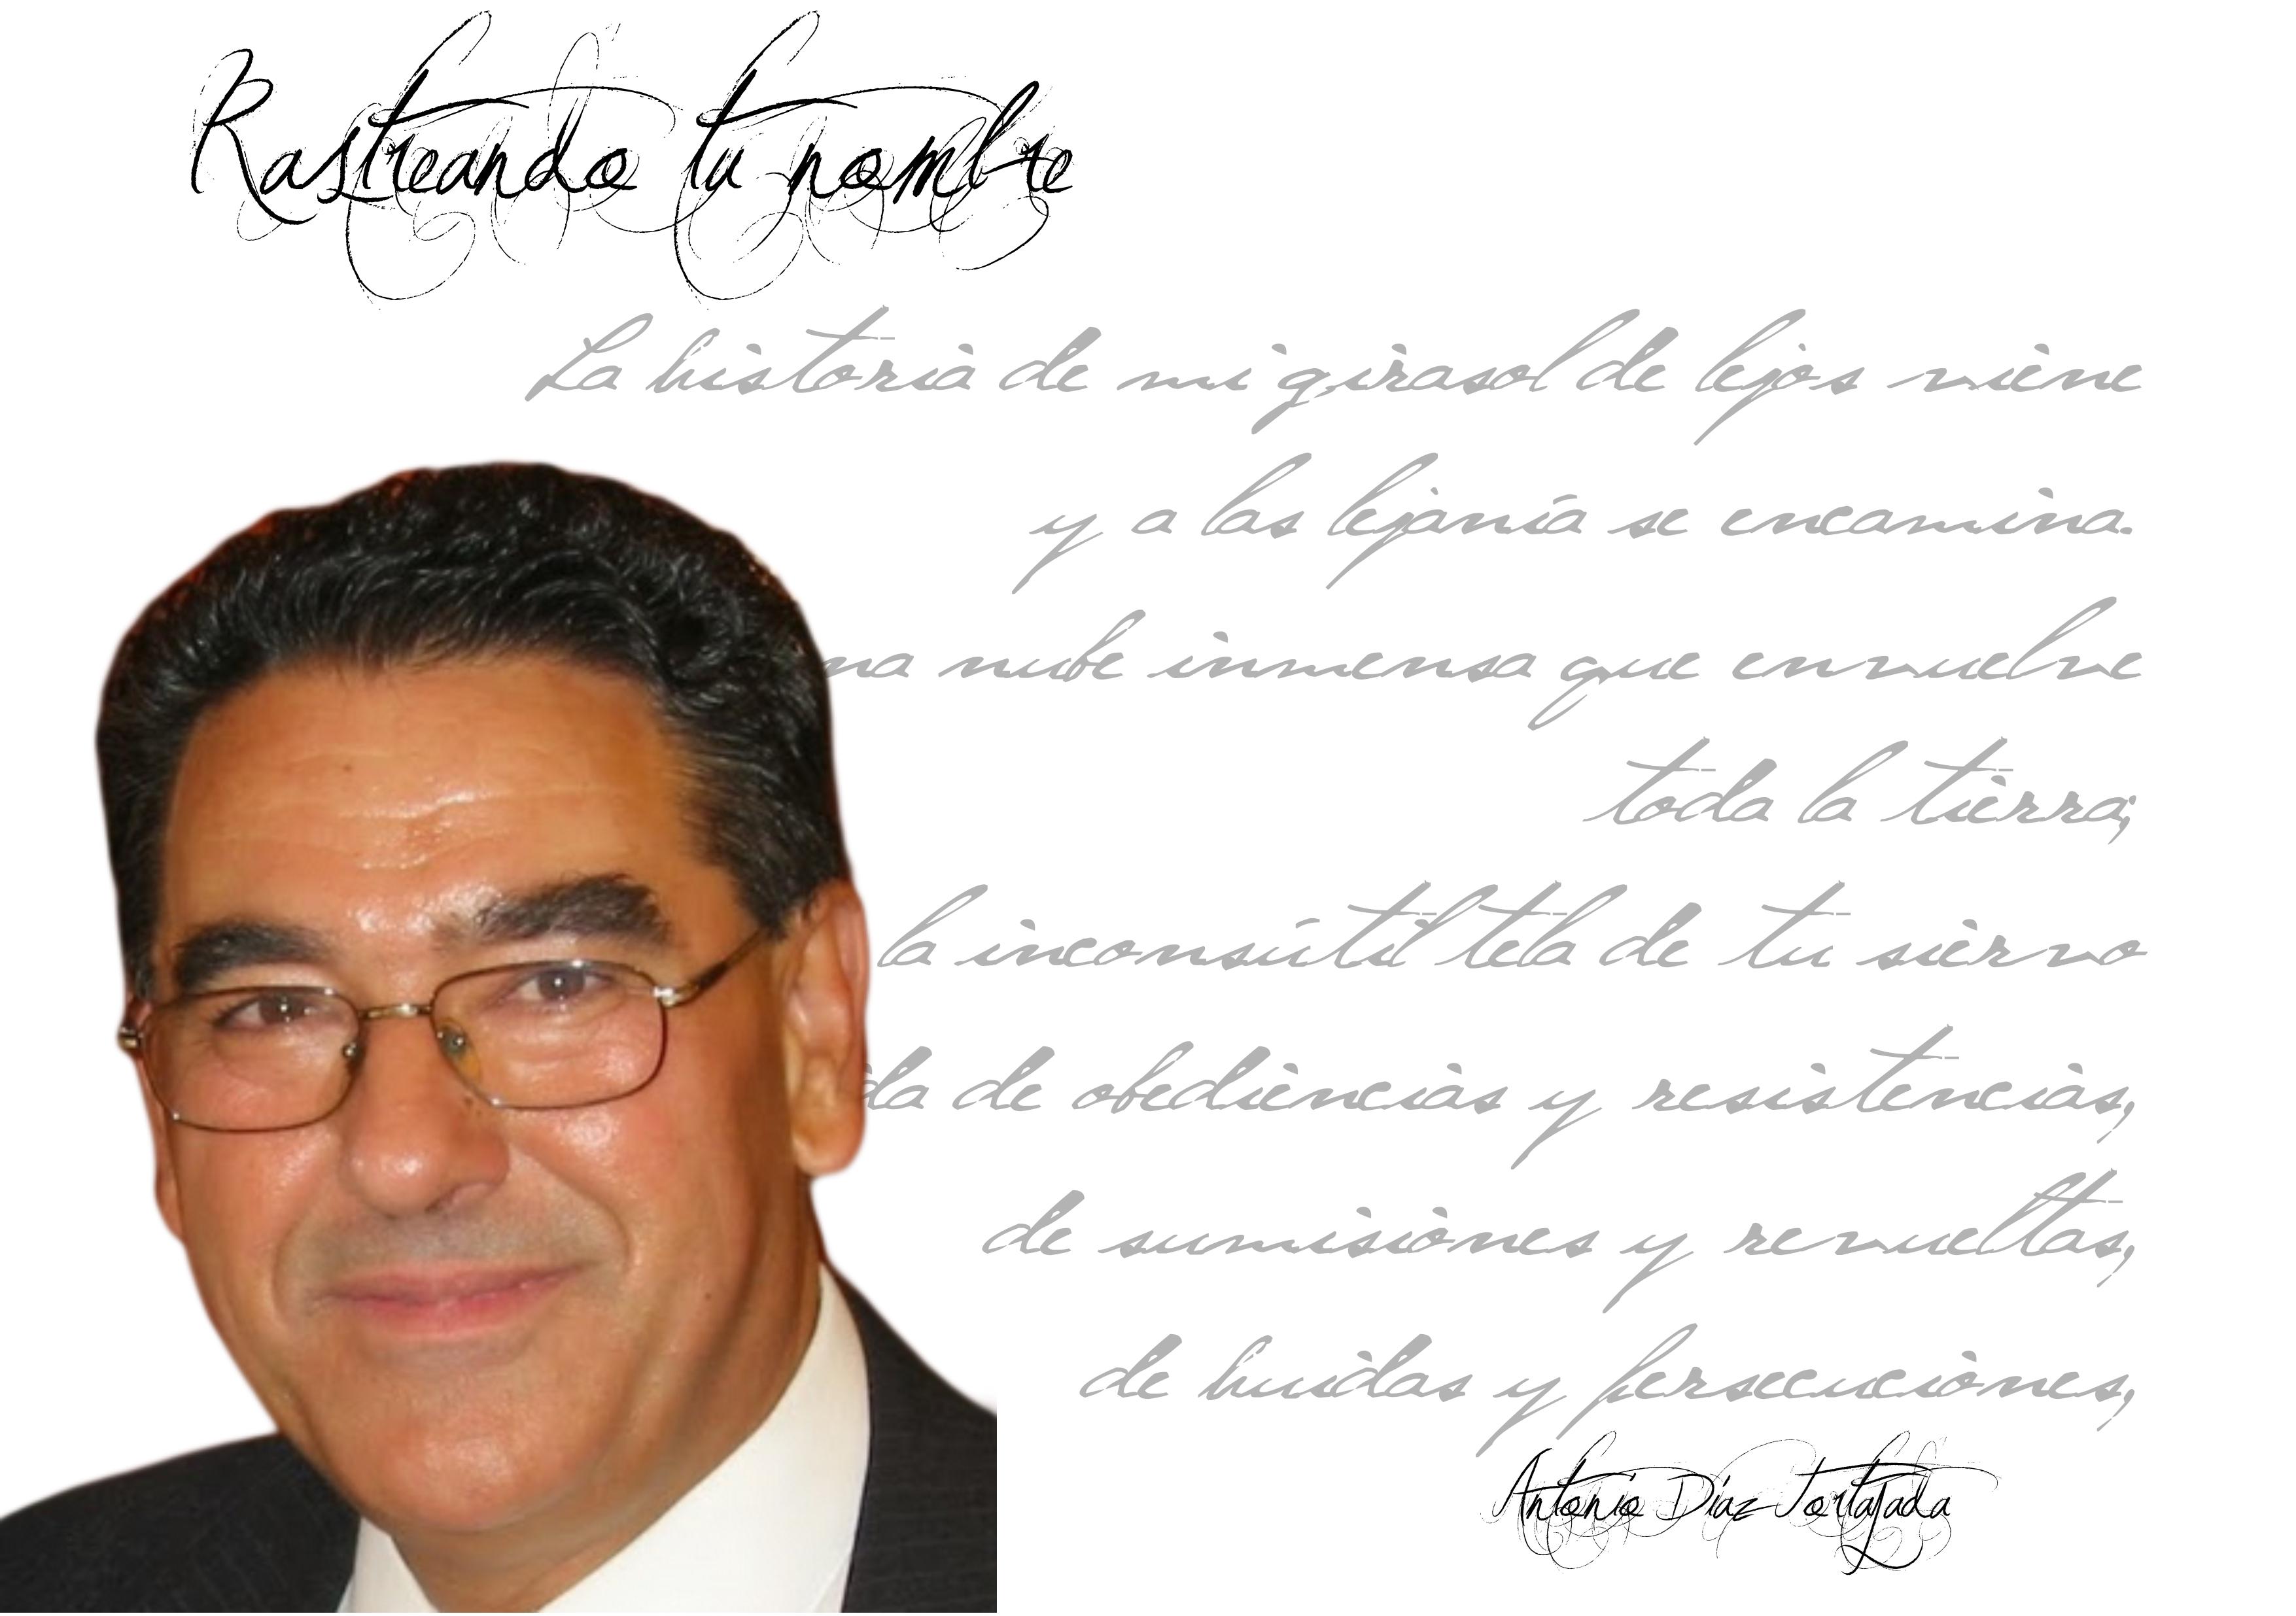 """Photo ofANTONIO DÍAZ TORTAJADA antonio díaz tortajada - Antoniodiaztortajada - Antonio Díaz Tortajada: """"La poesía mística no pasa nunca, y hoy en día tiene una vigente actualidad o un perfil más acentuado."""""""